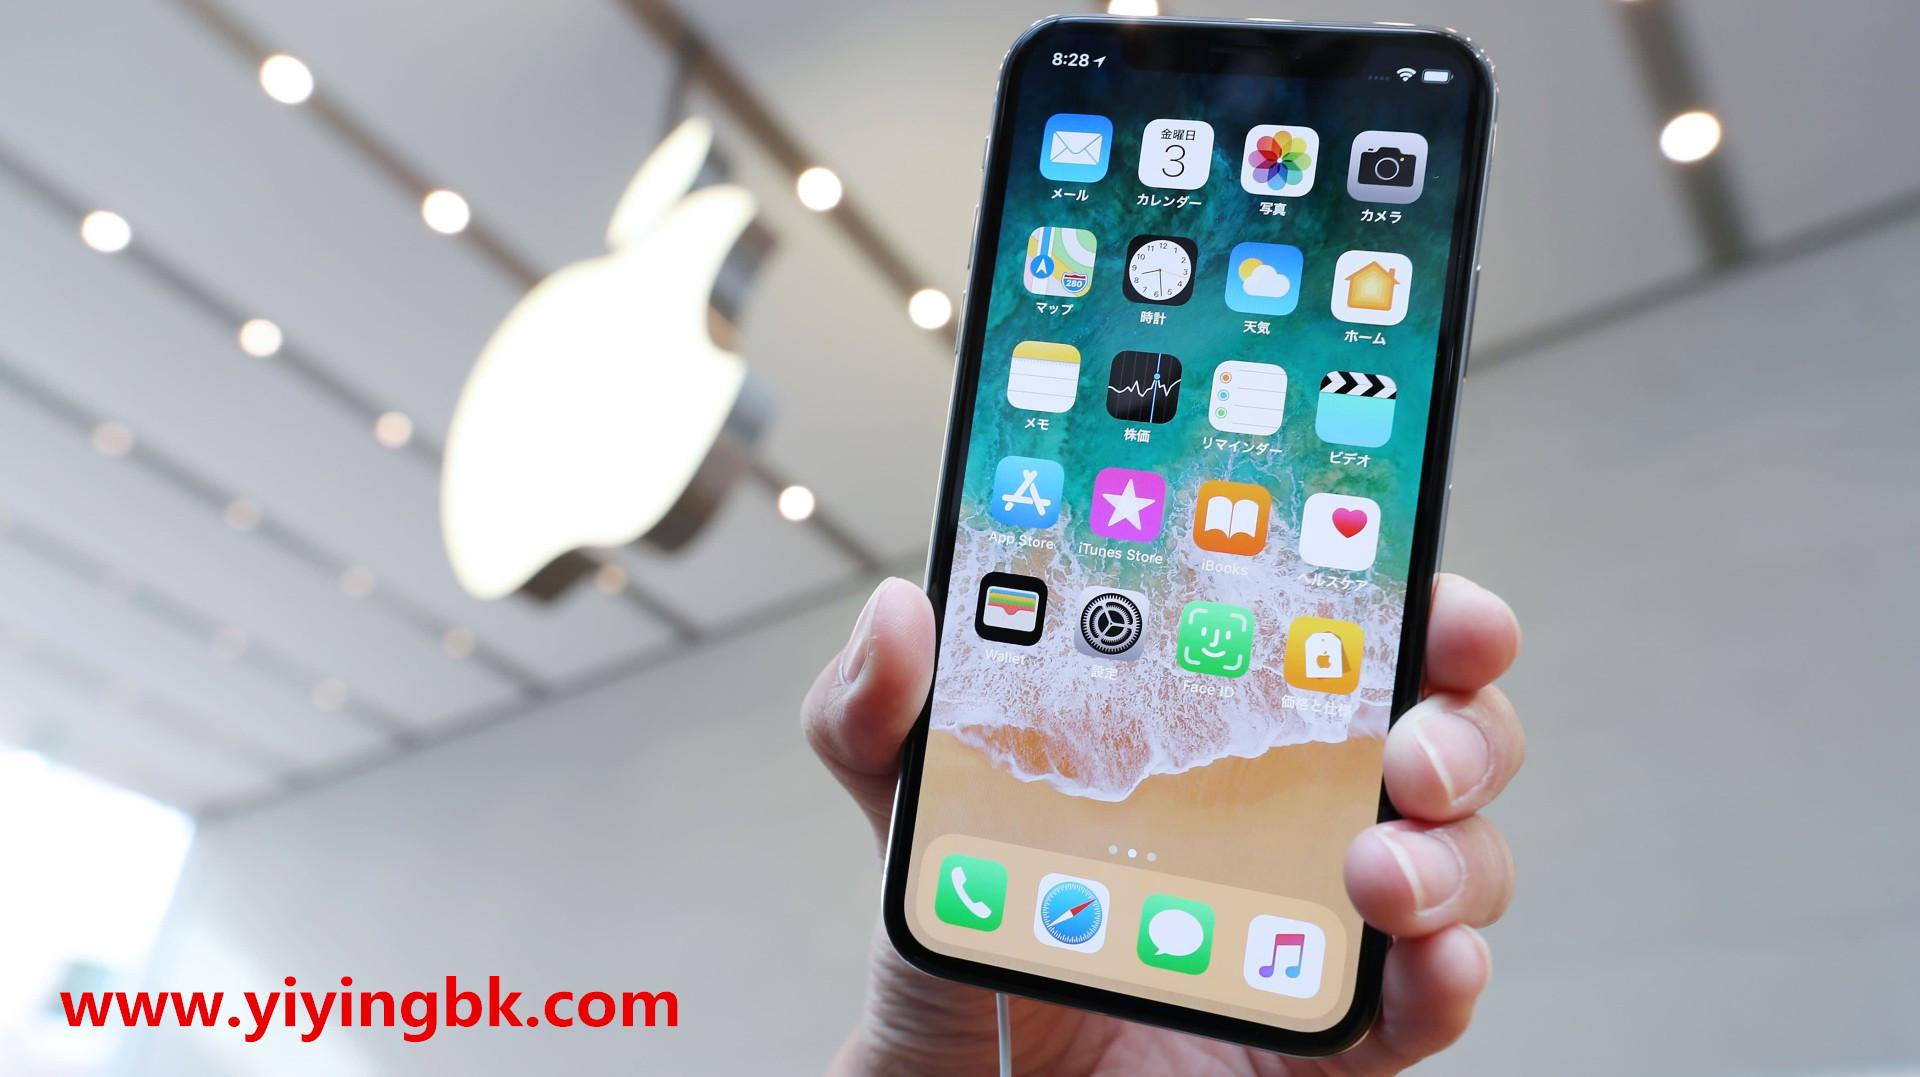 苹果曝黑产大案:富士康内鬼盗卖iPhone部件赚数亿